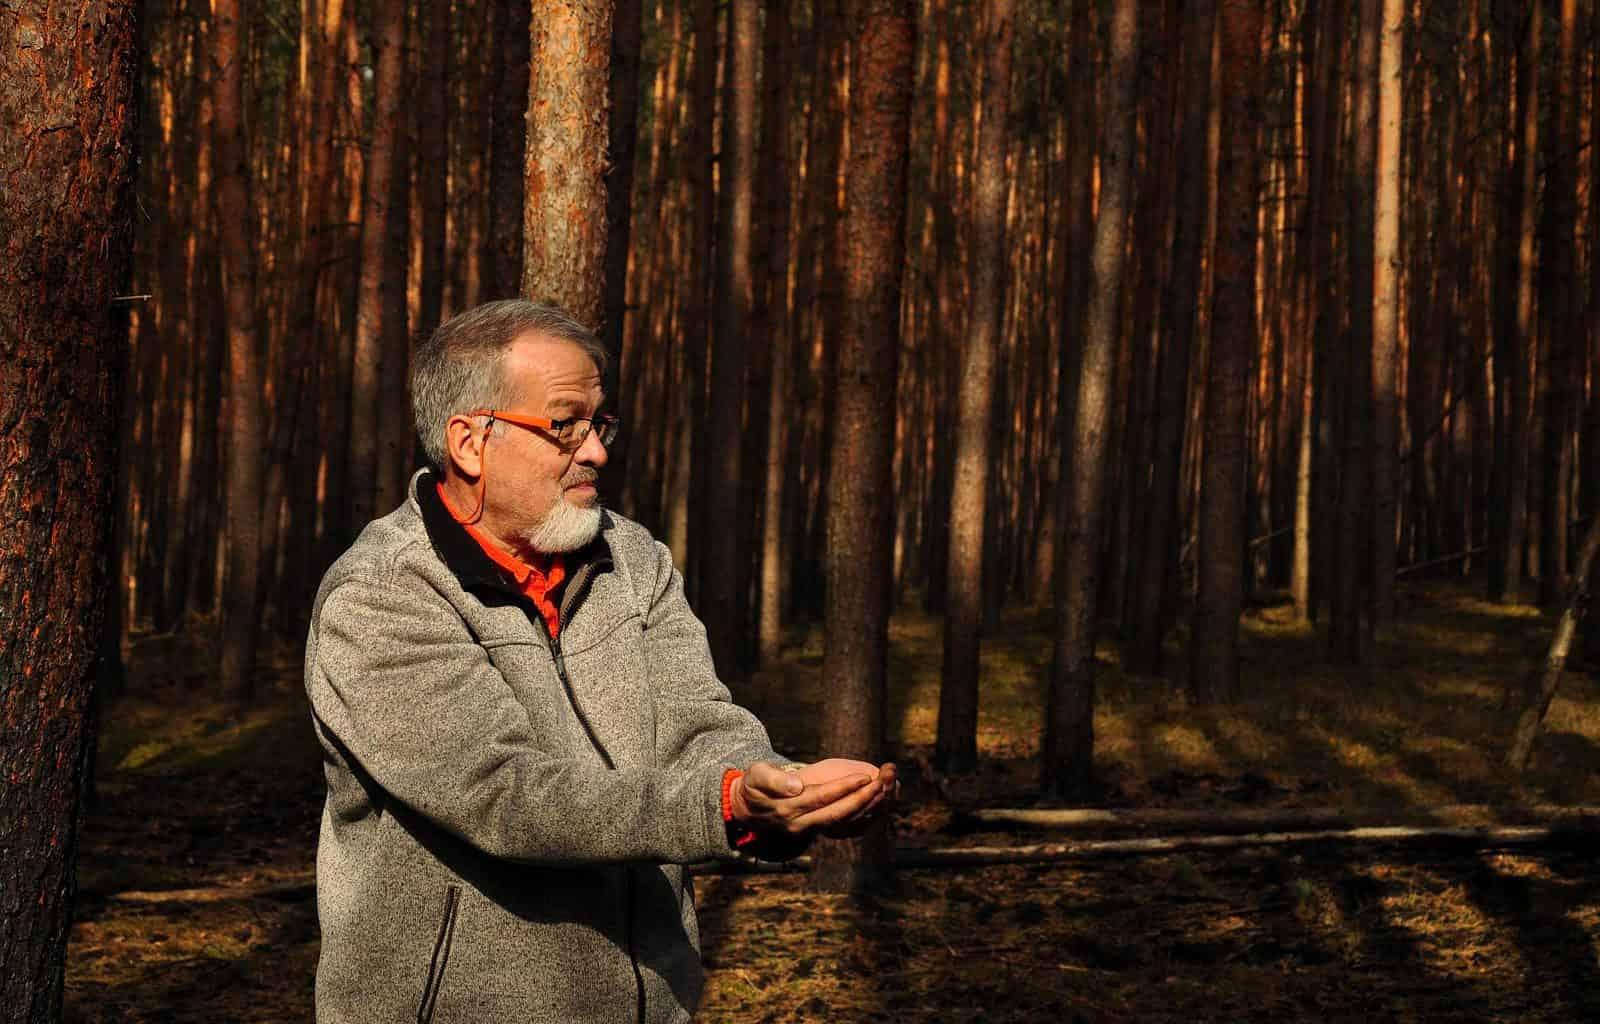 Forest Fire Treuebrietzen Brandenburg-22407 © Christoph Nowicki